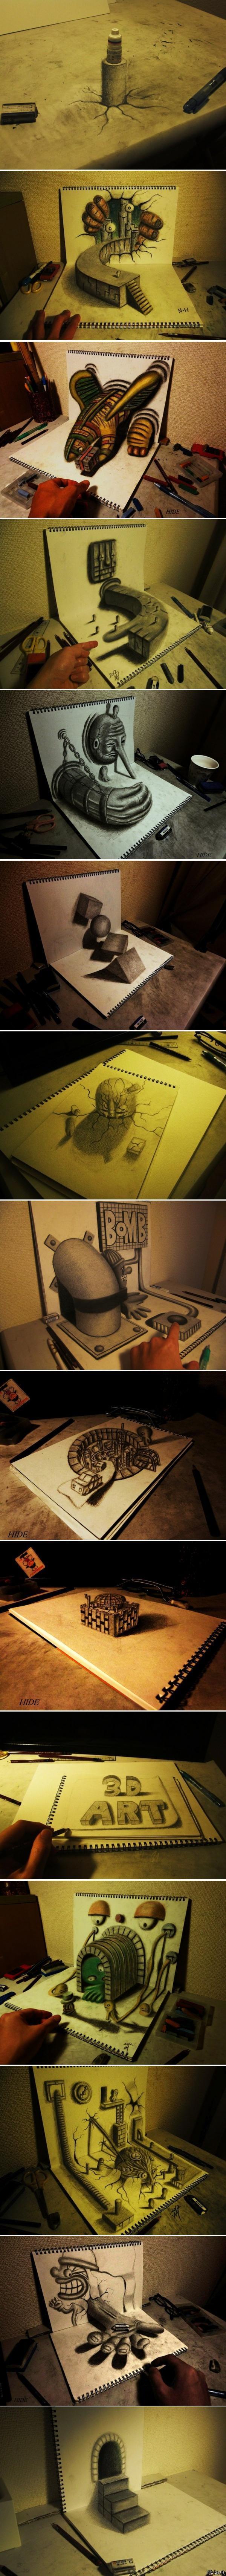 3D рисунки Кевина Скотта часть 2 (Длиннопост)